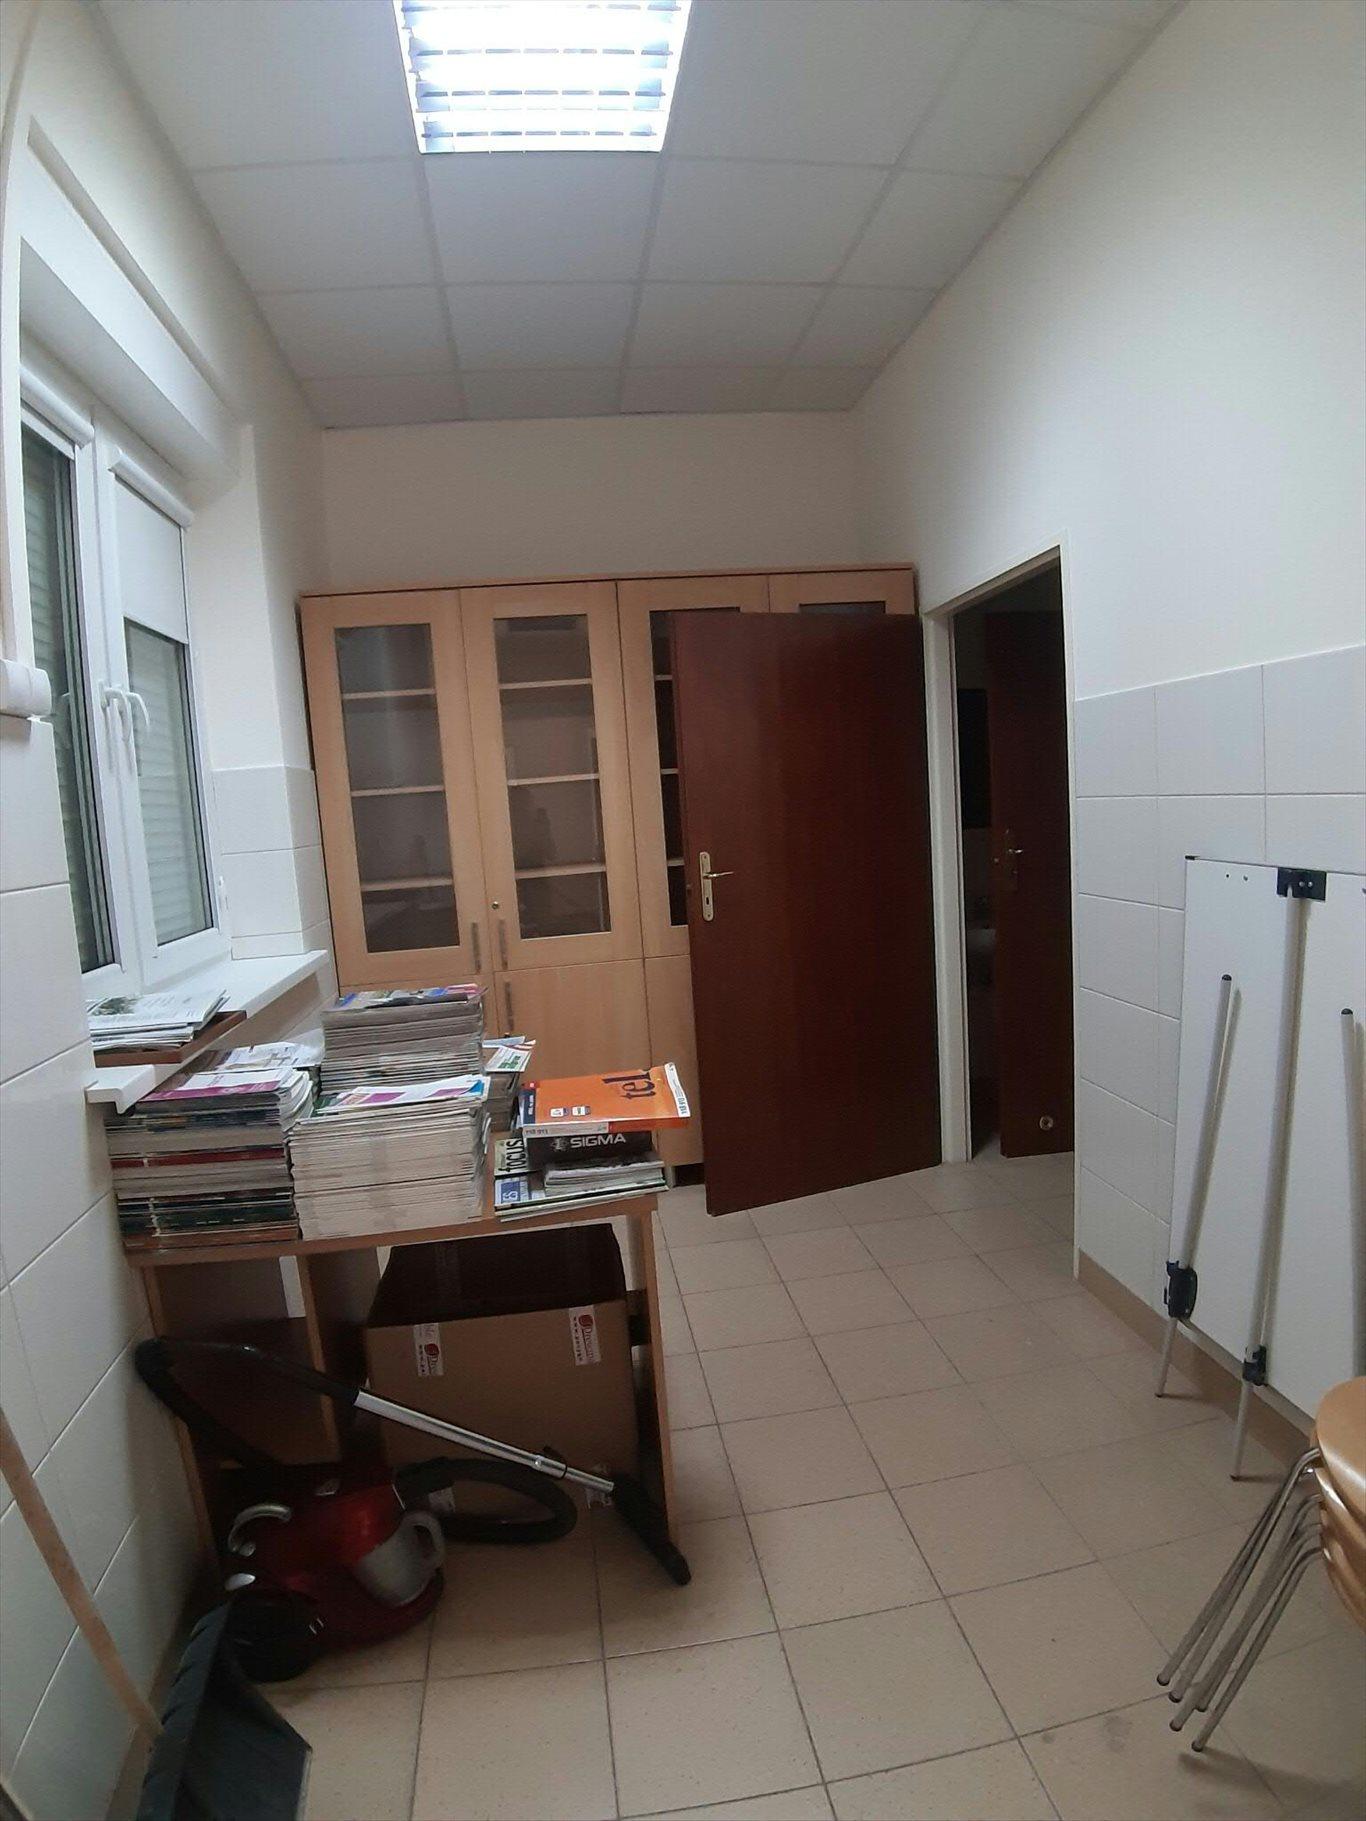 Lokal użytkowy na sprzedaż Prószków  64m2 Foto 4